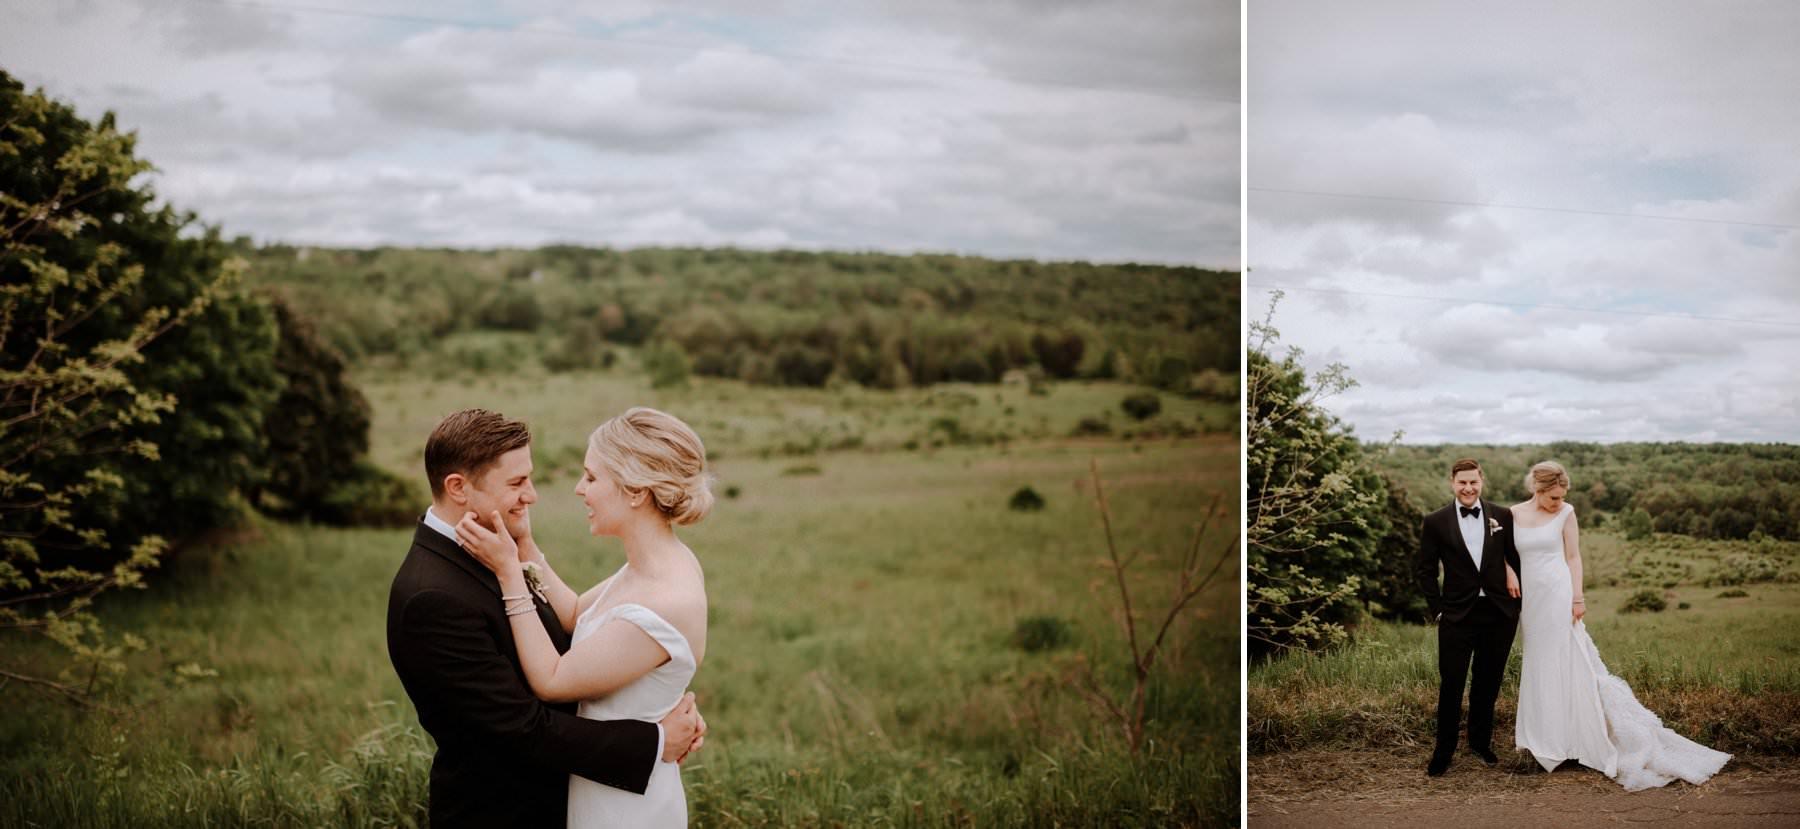 westmoreland_club_Wilkes_Berre_wedding-39.jpg